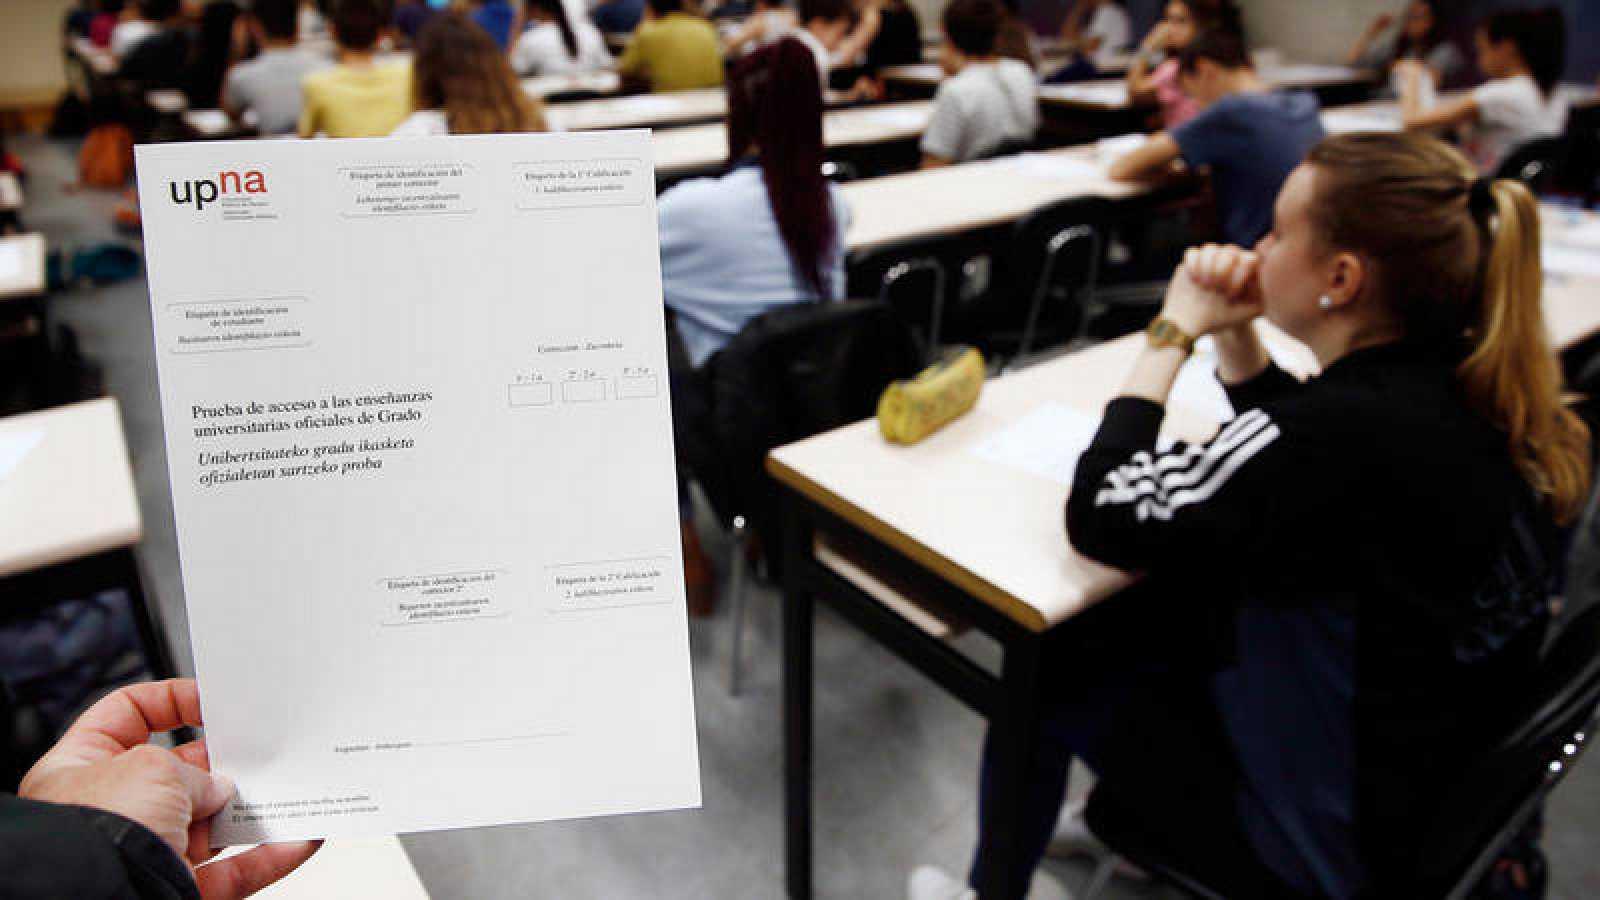 Convocatoria extraordinaria de la nueva prueba de acceso a la universidad de 2017 en la Universidad Pública de Navarra